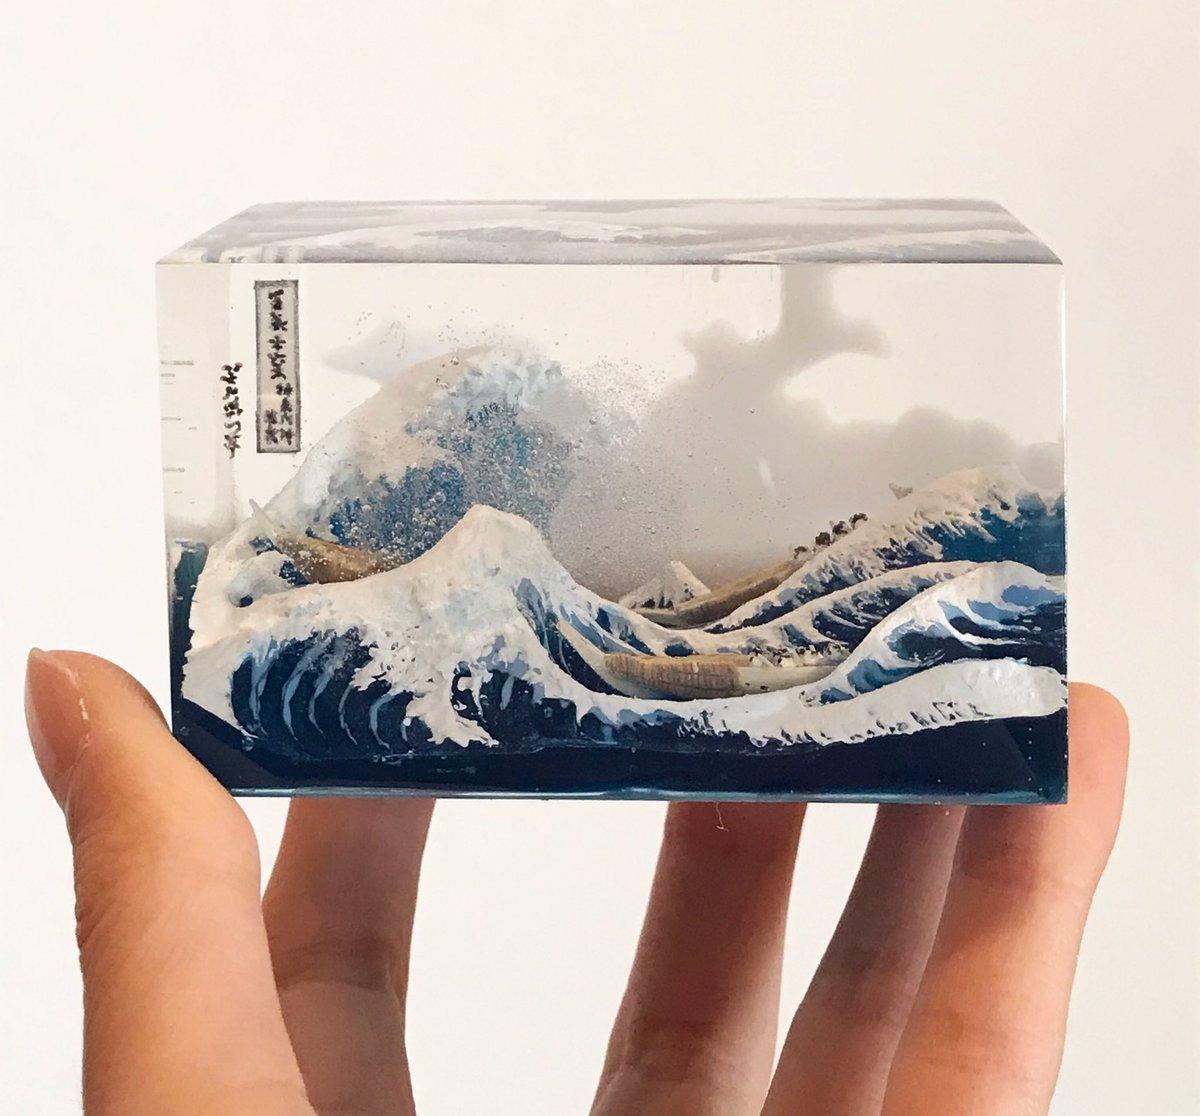 富嶽三十六景 神奈川沖浪裏を立体化してみた。ネットの反応「商品化してほしい」